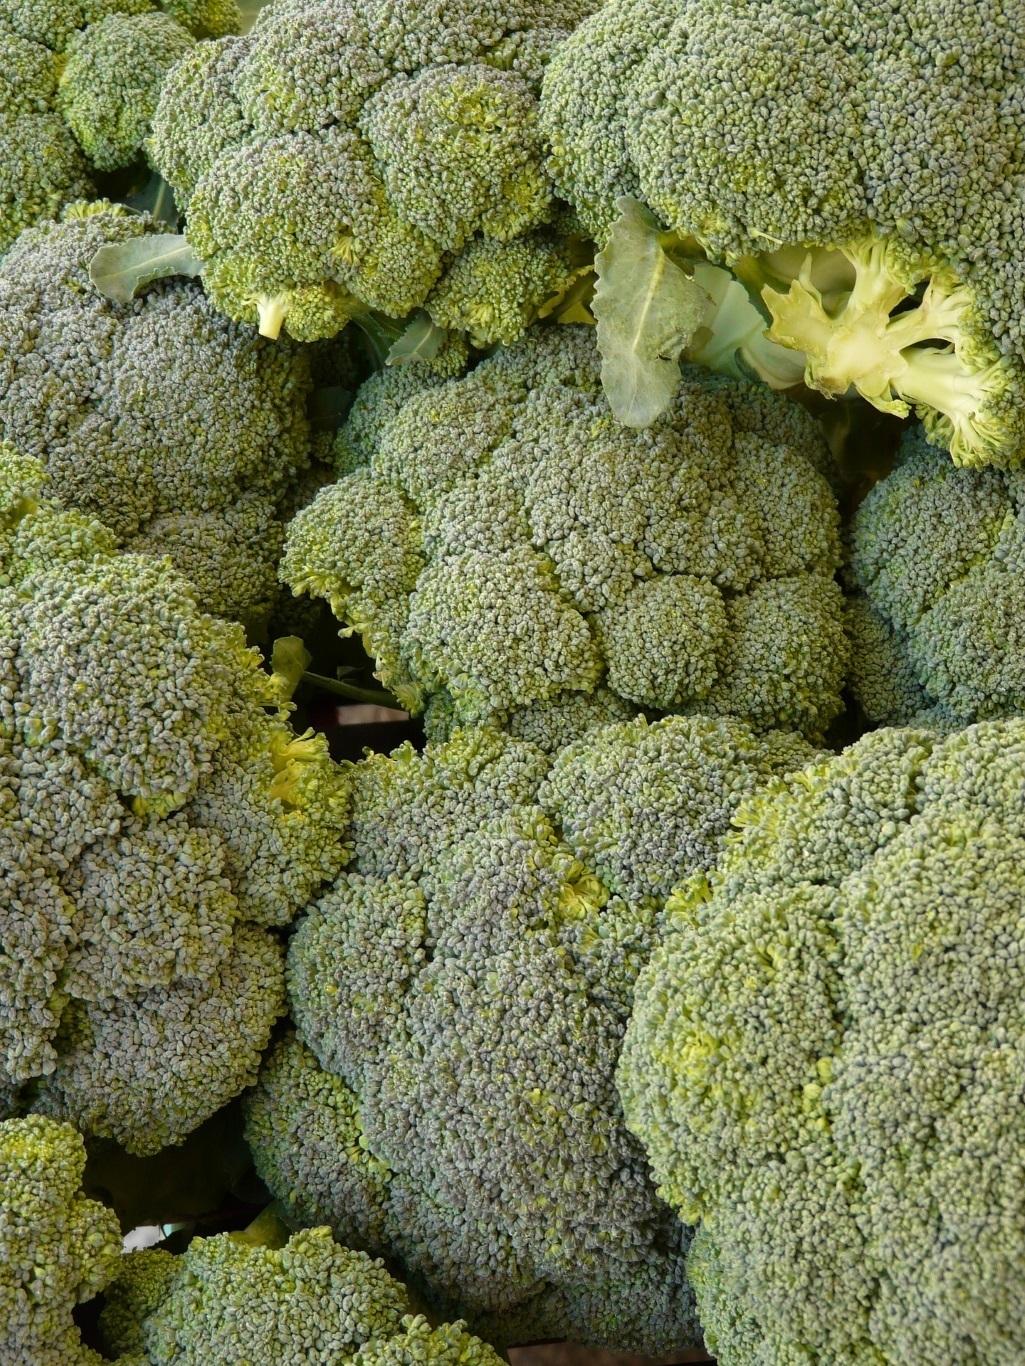 Idee bureau de wit voedselveiligheid lees meer over bureau de wit op www bureaudewit nl